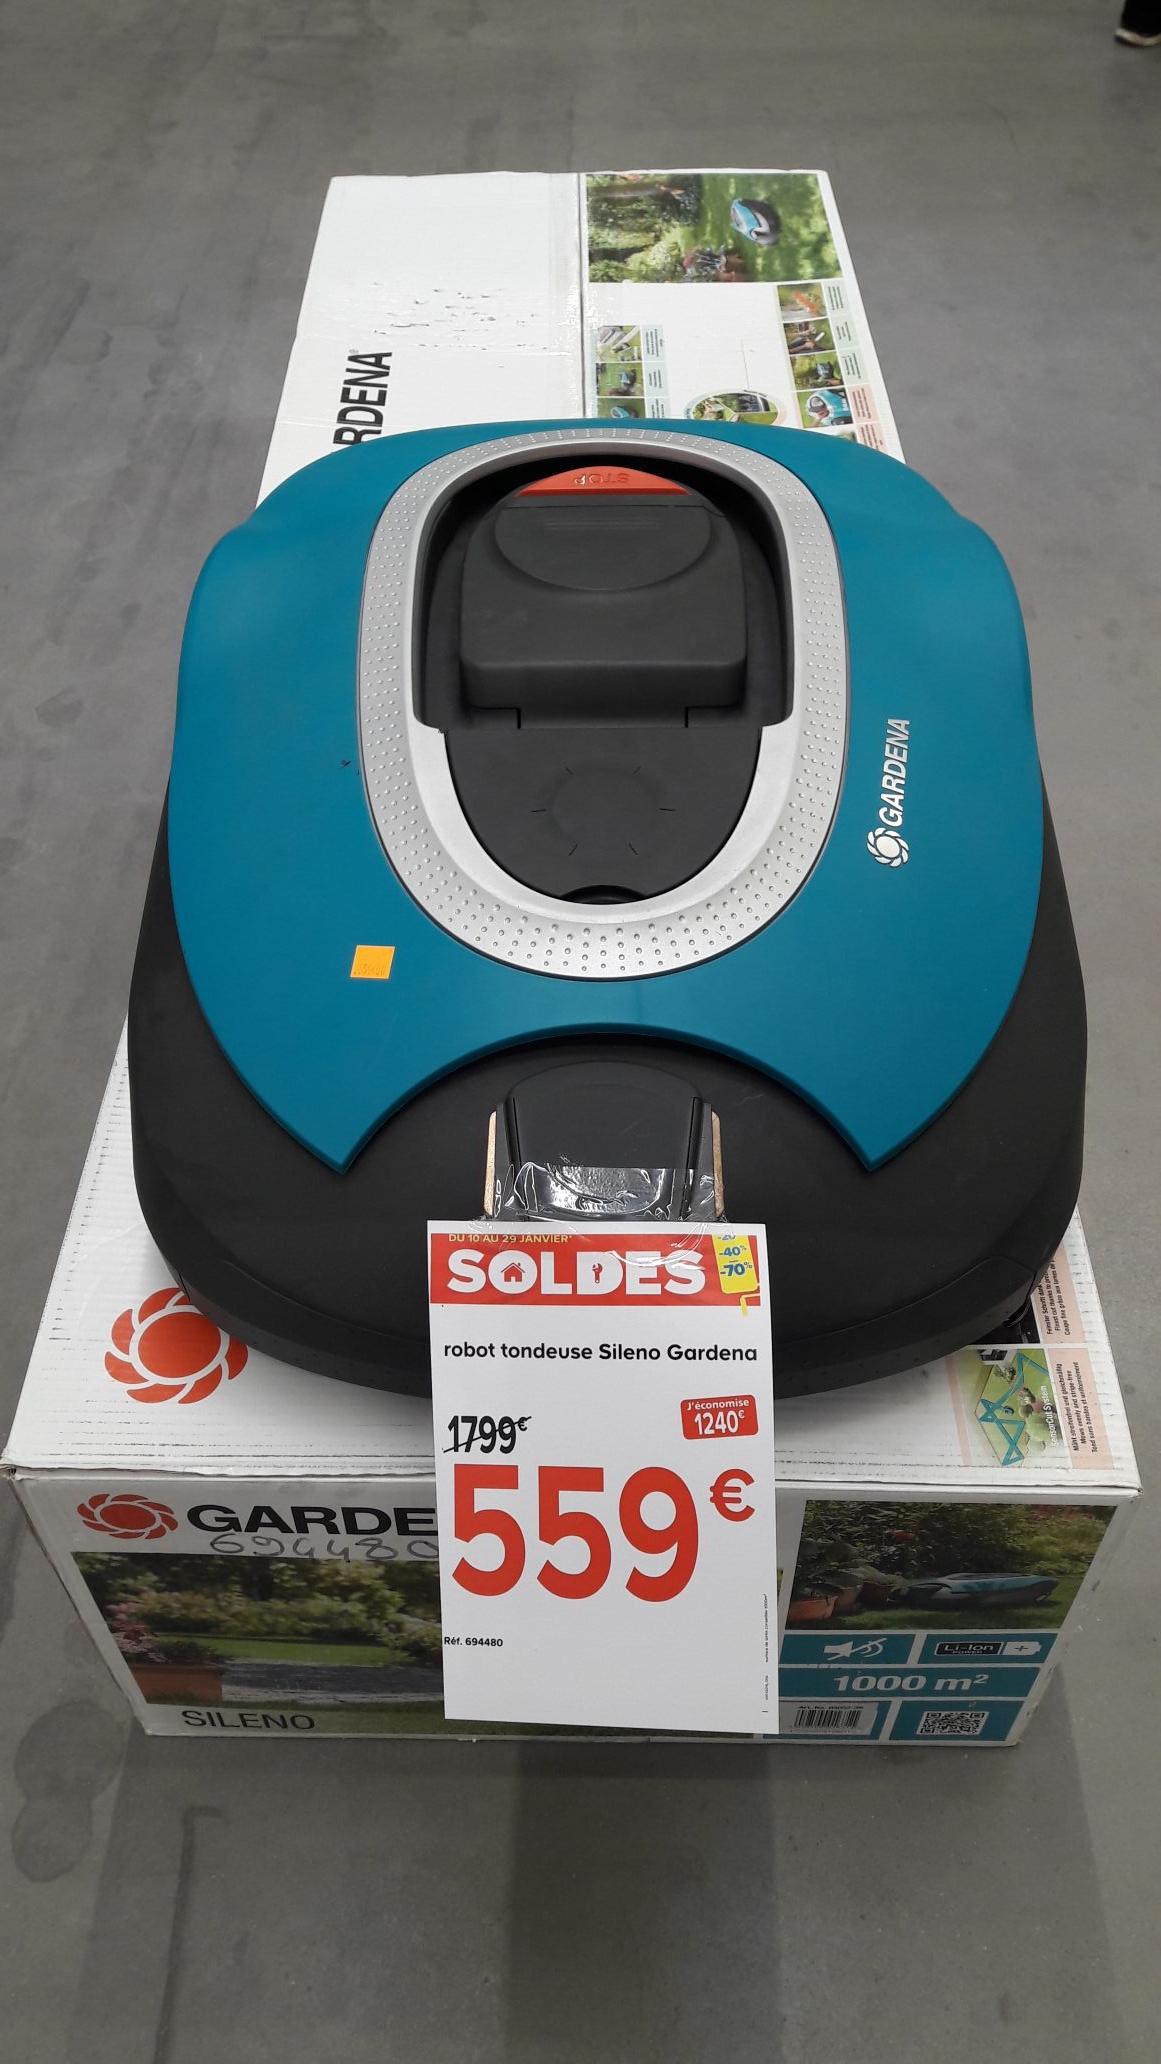 Robot tondeuse Gardena Sileno 22cm 18v - Bourg en Bresse -01)